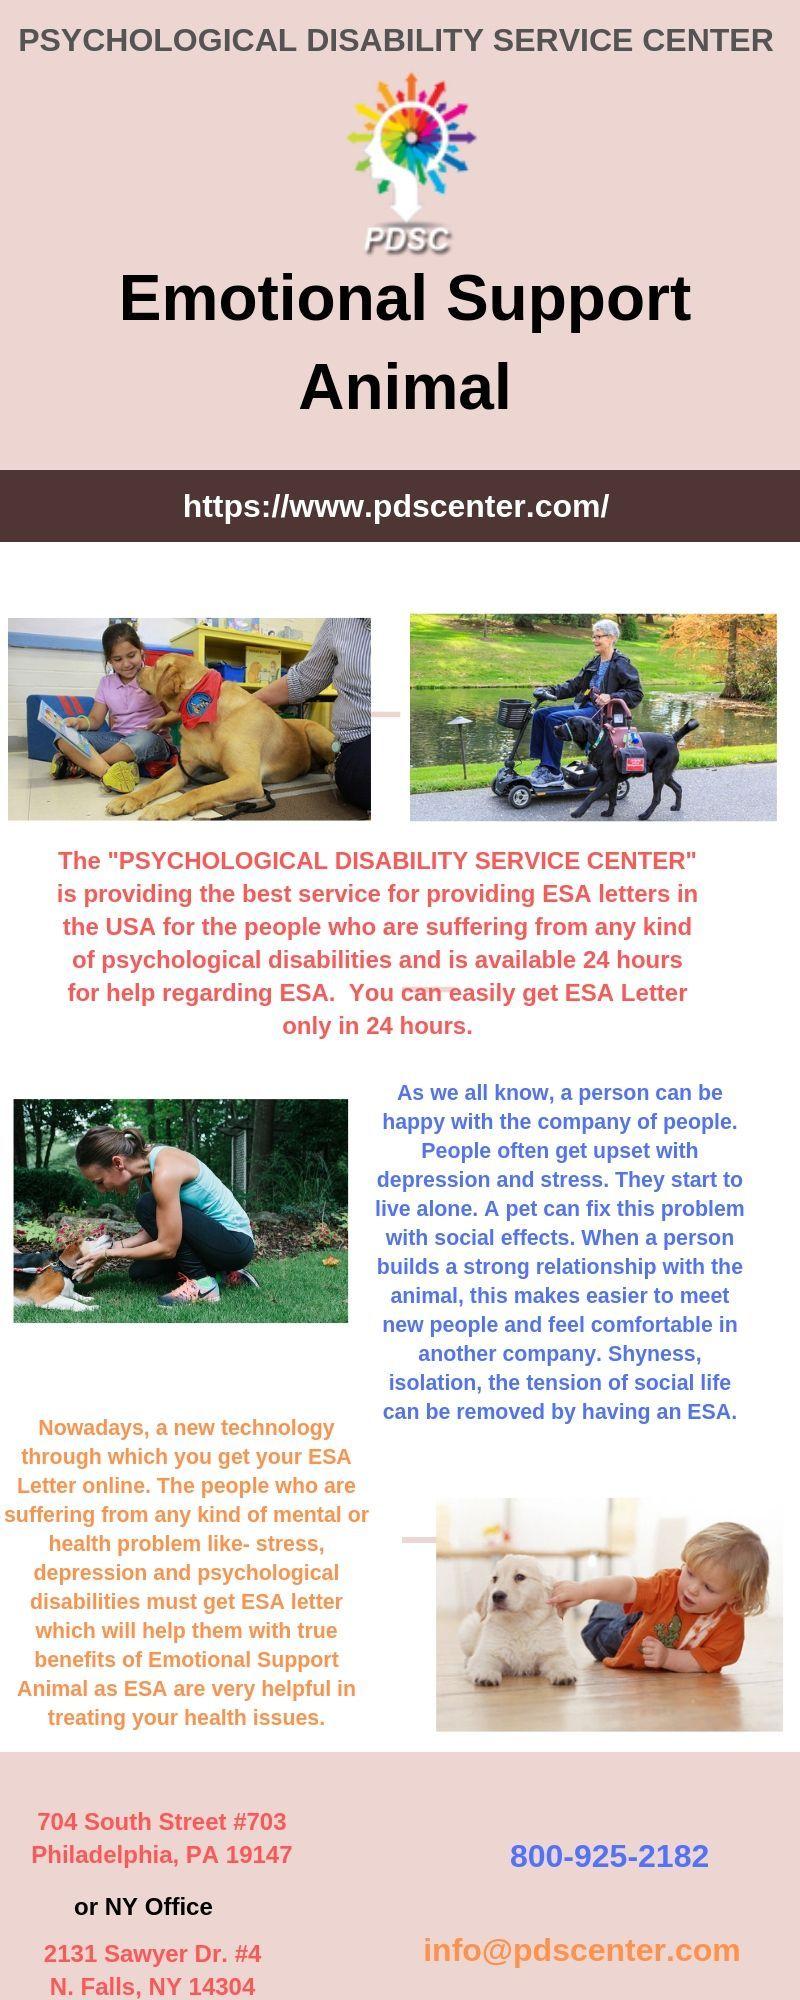 Emotional support animal doctor letter Emotional support